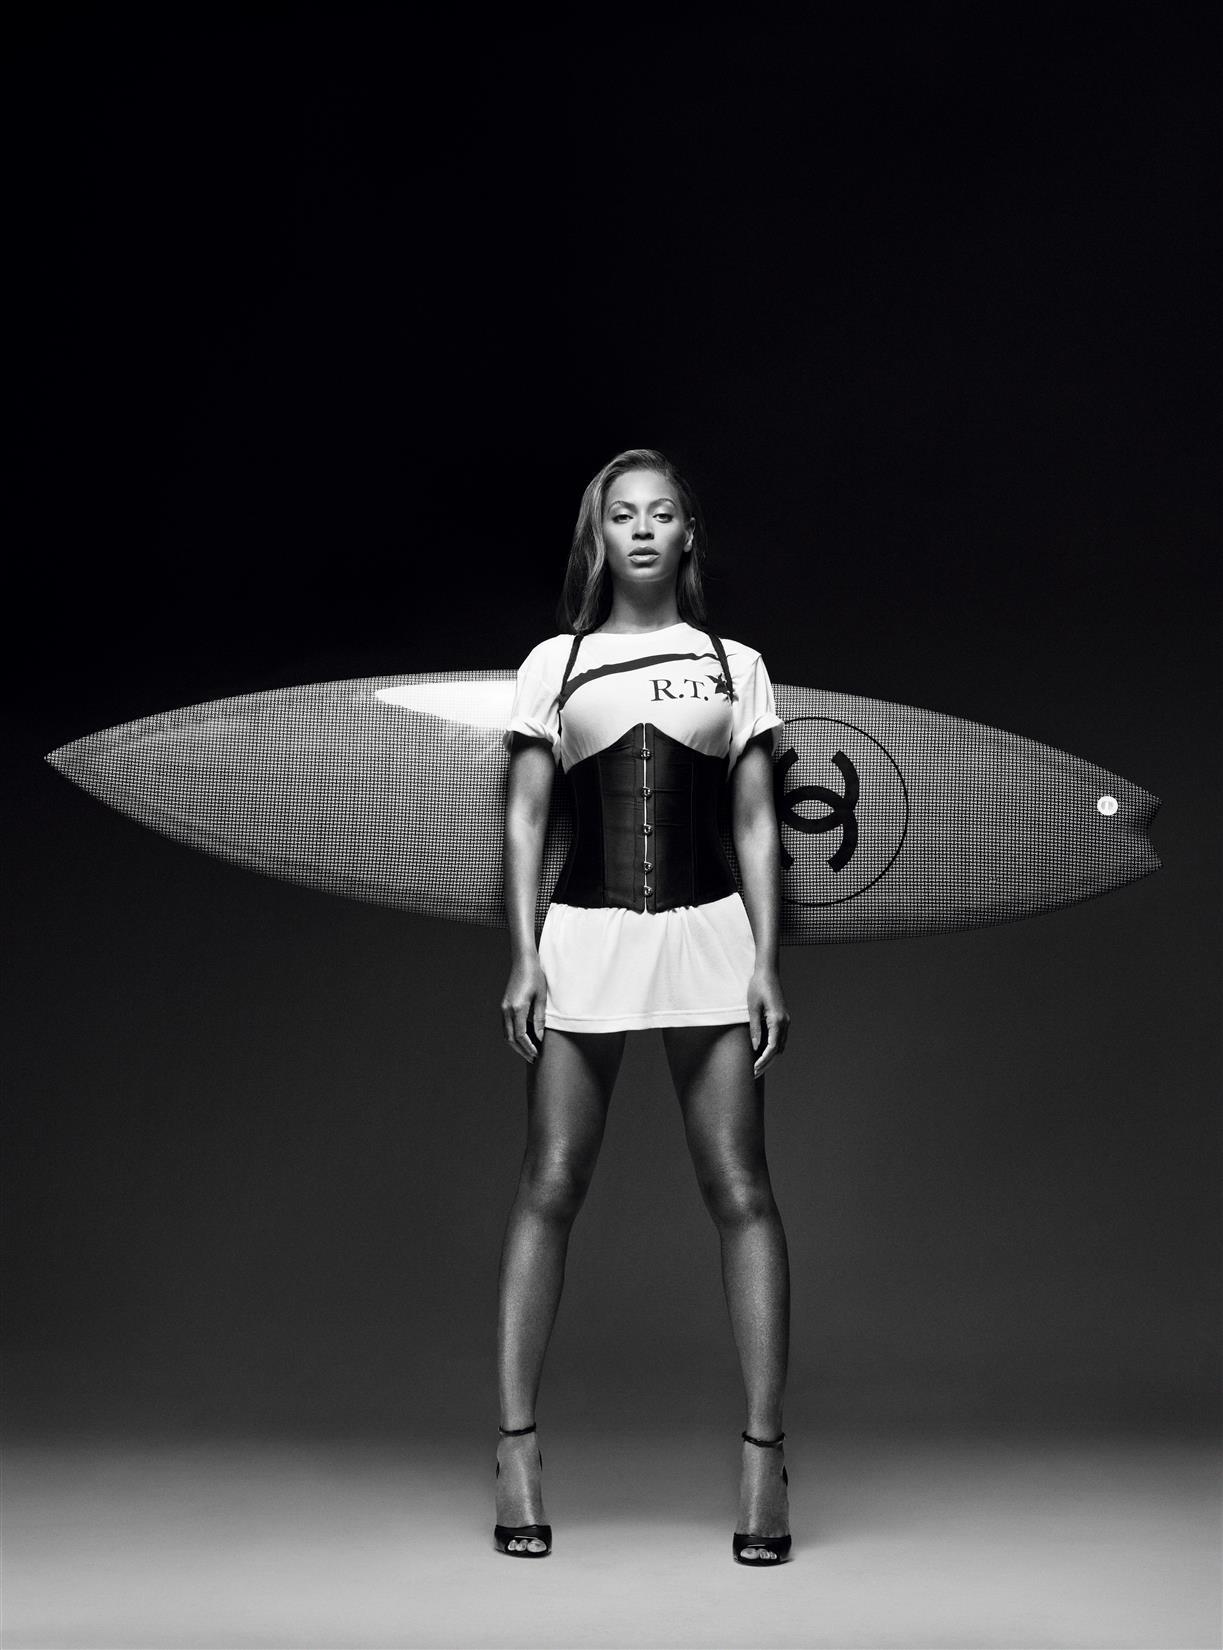 Fotos de Beyoncé > Nuevos Shoots, Campañas, Portadas, etc. - Página 43 003